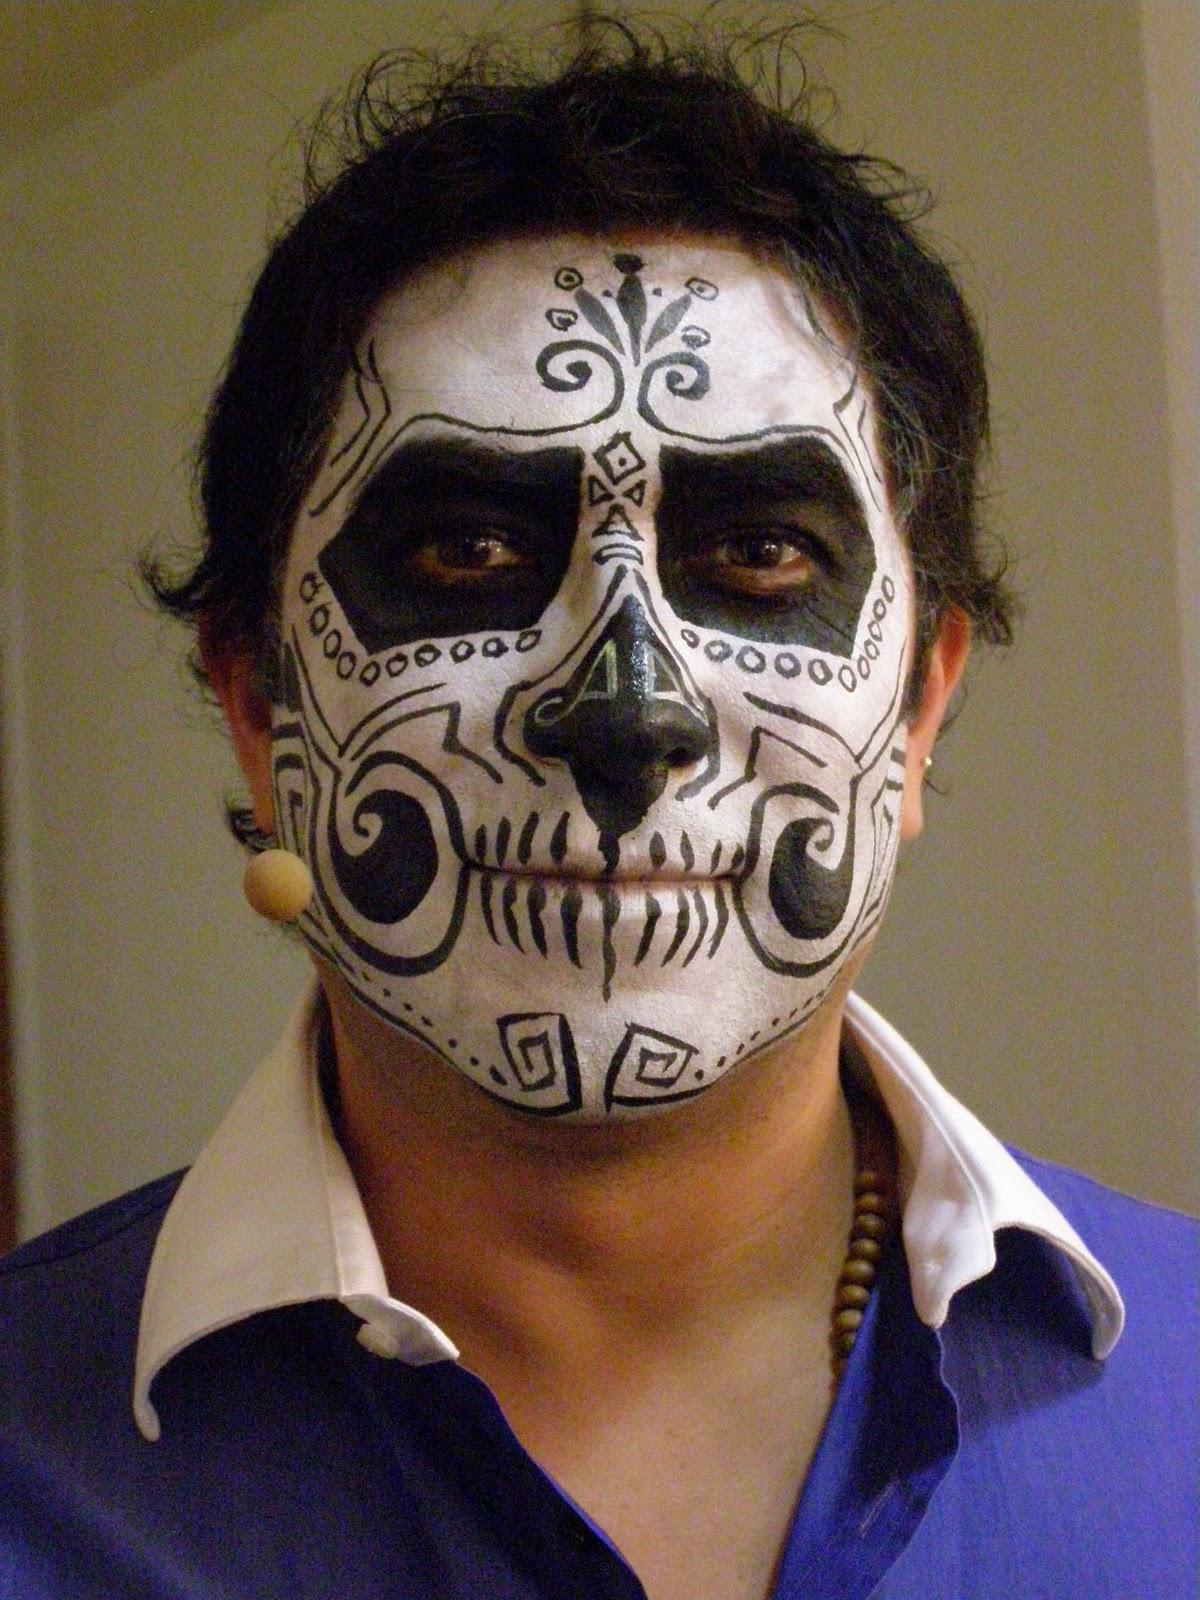 Apel fx maquillaje fantasia - Maquillage dia de los muertos ...